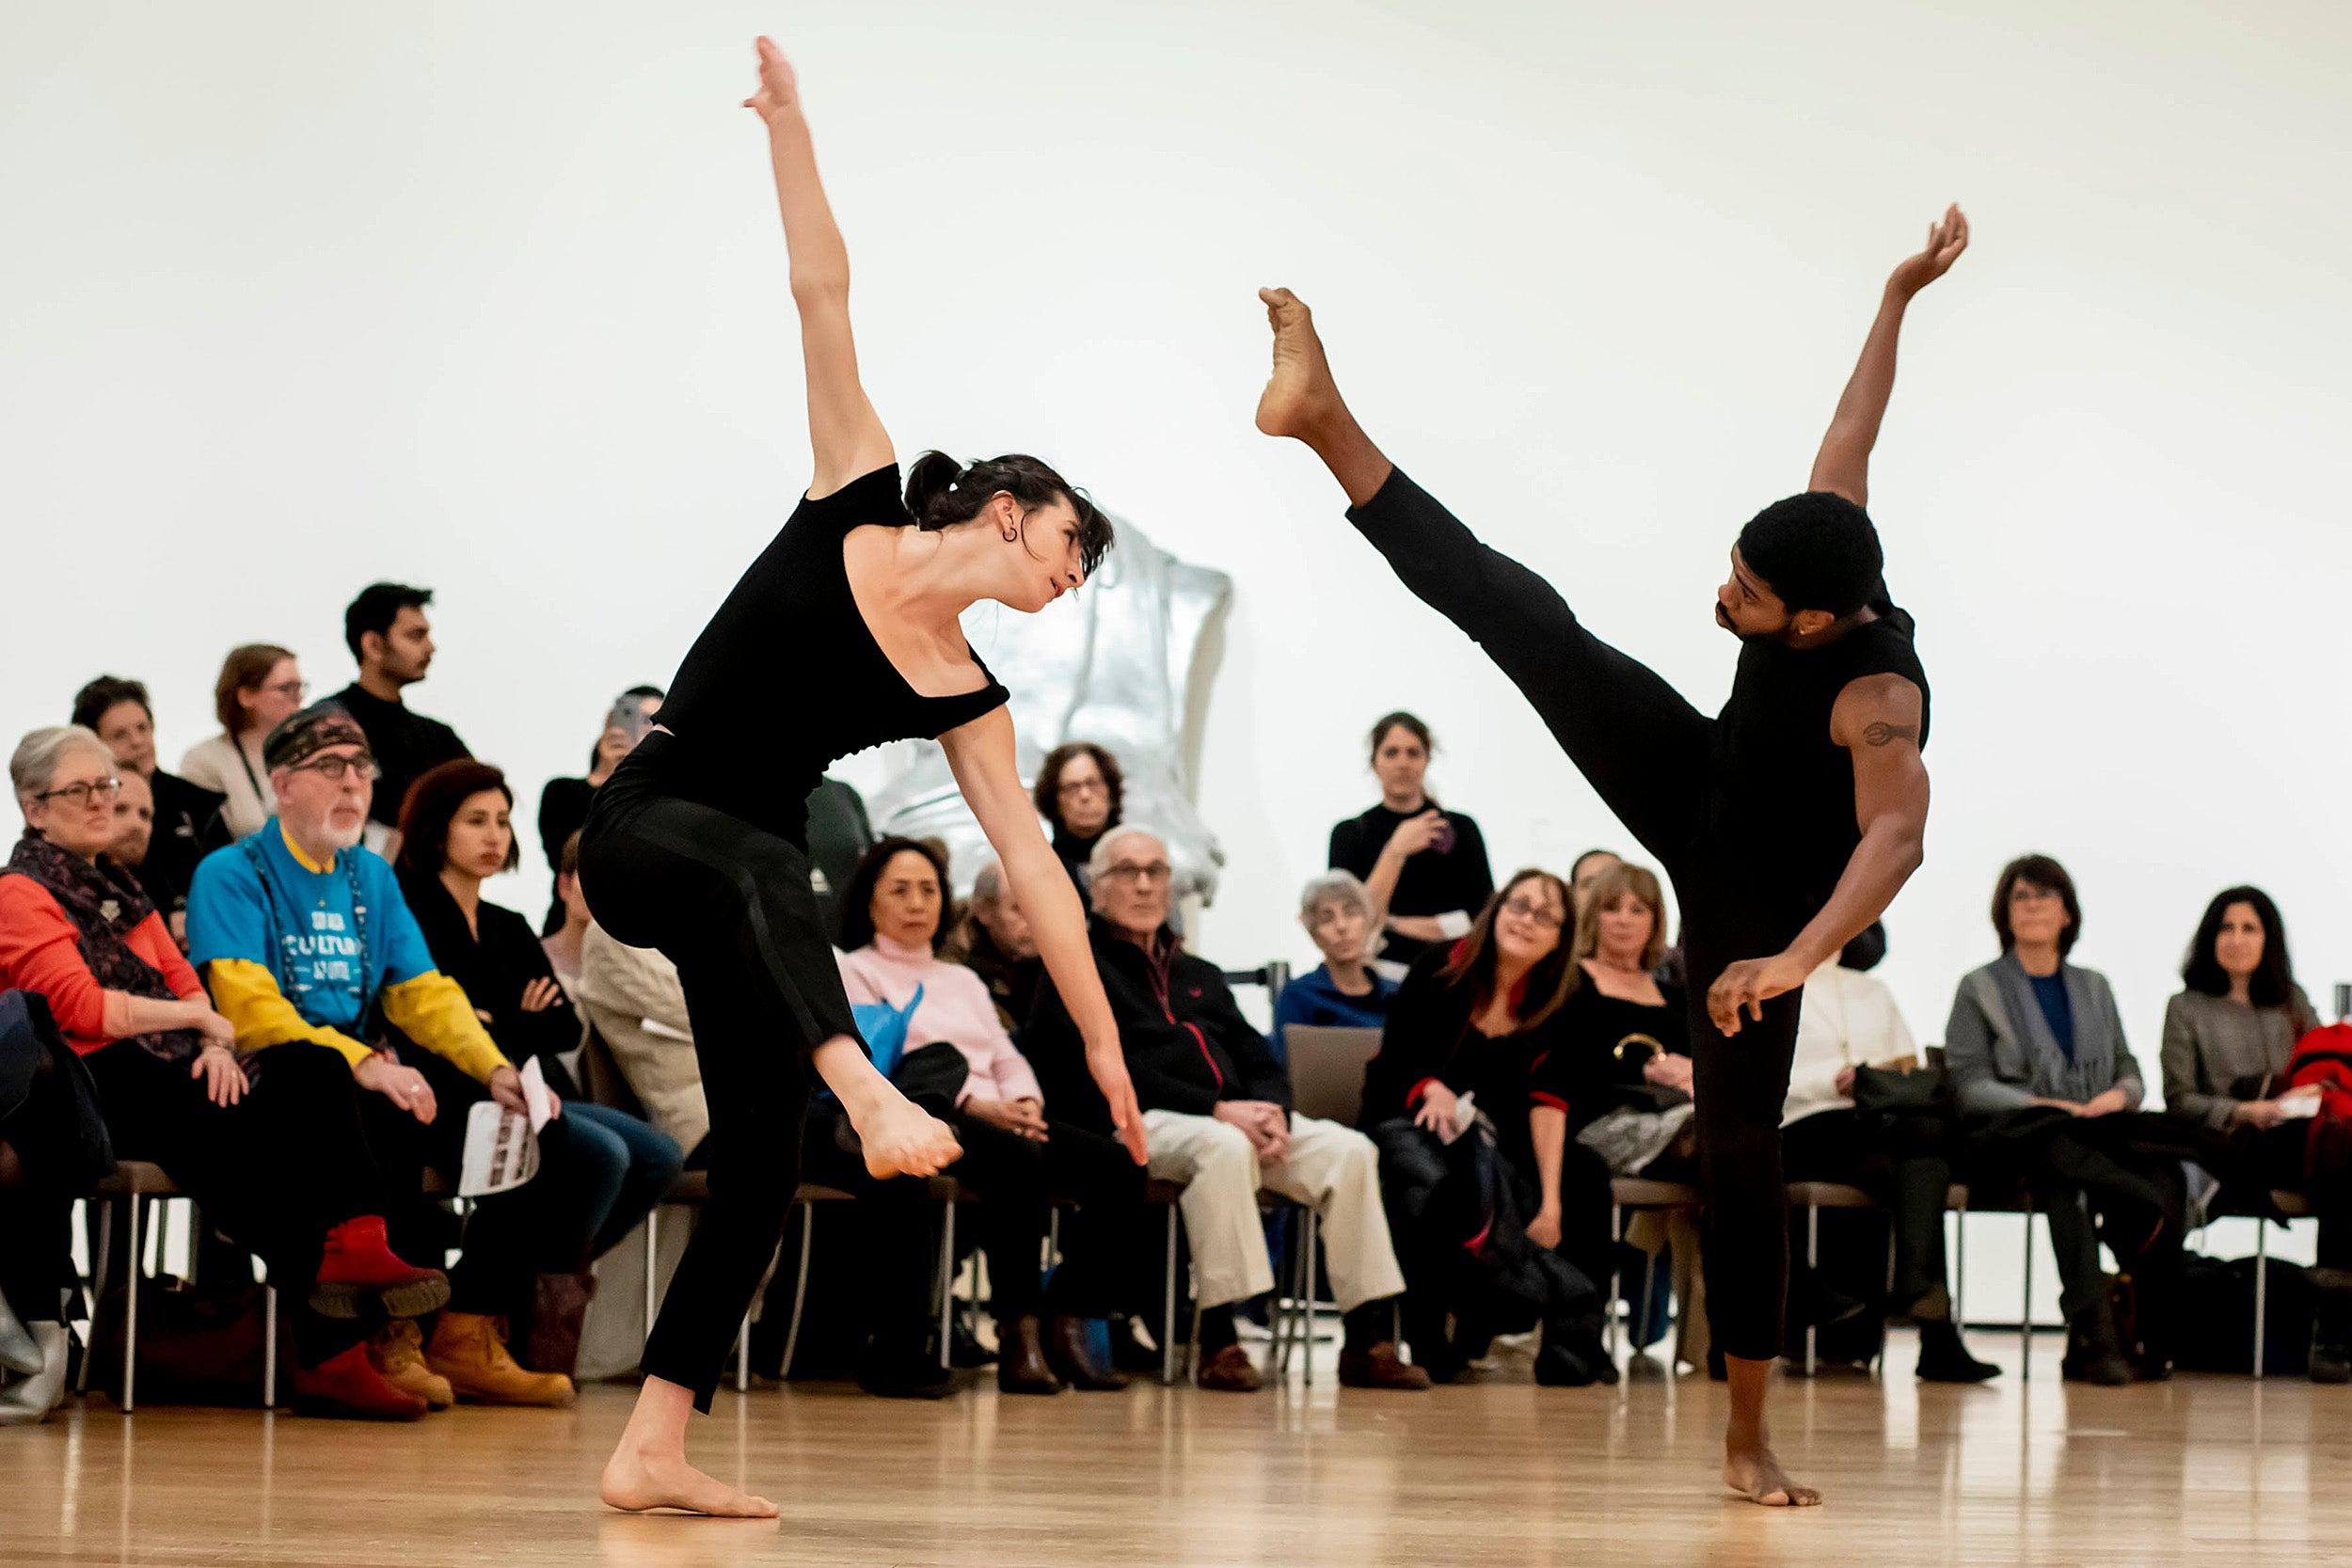 People dancing.